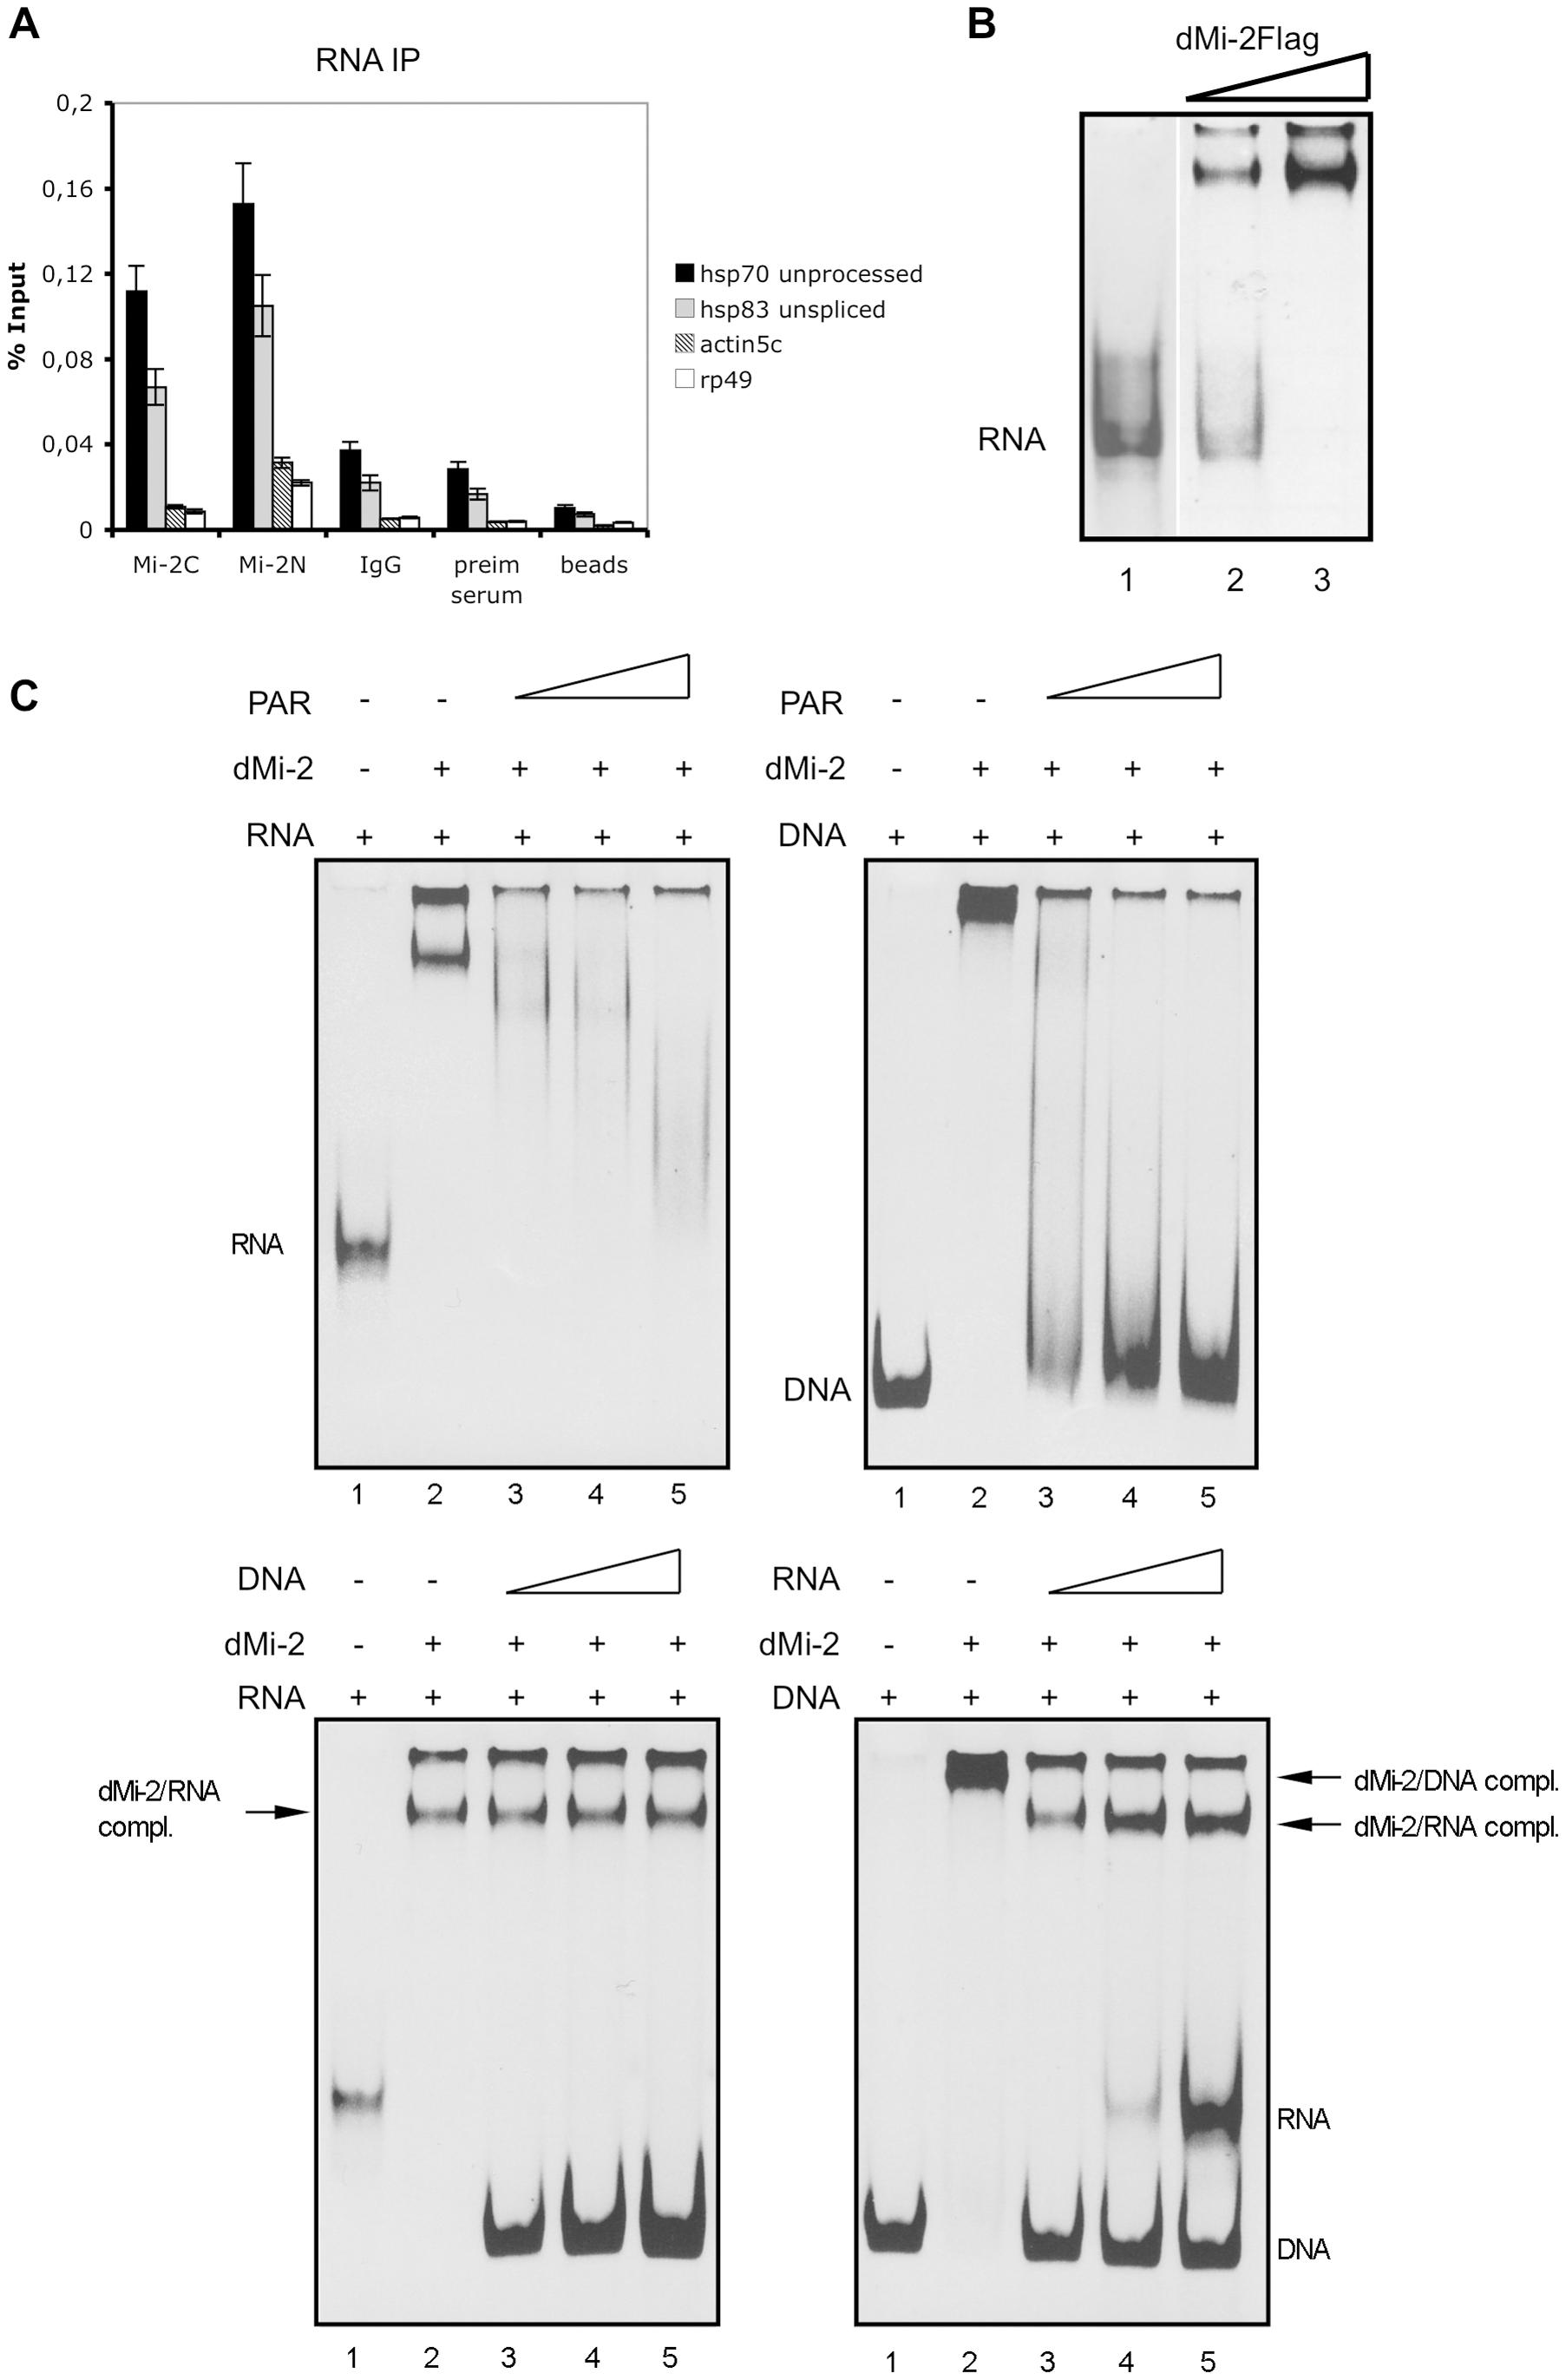 dMi-2 binds RNA.